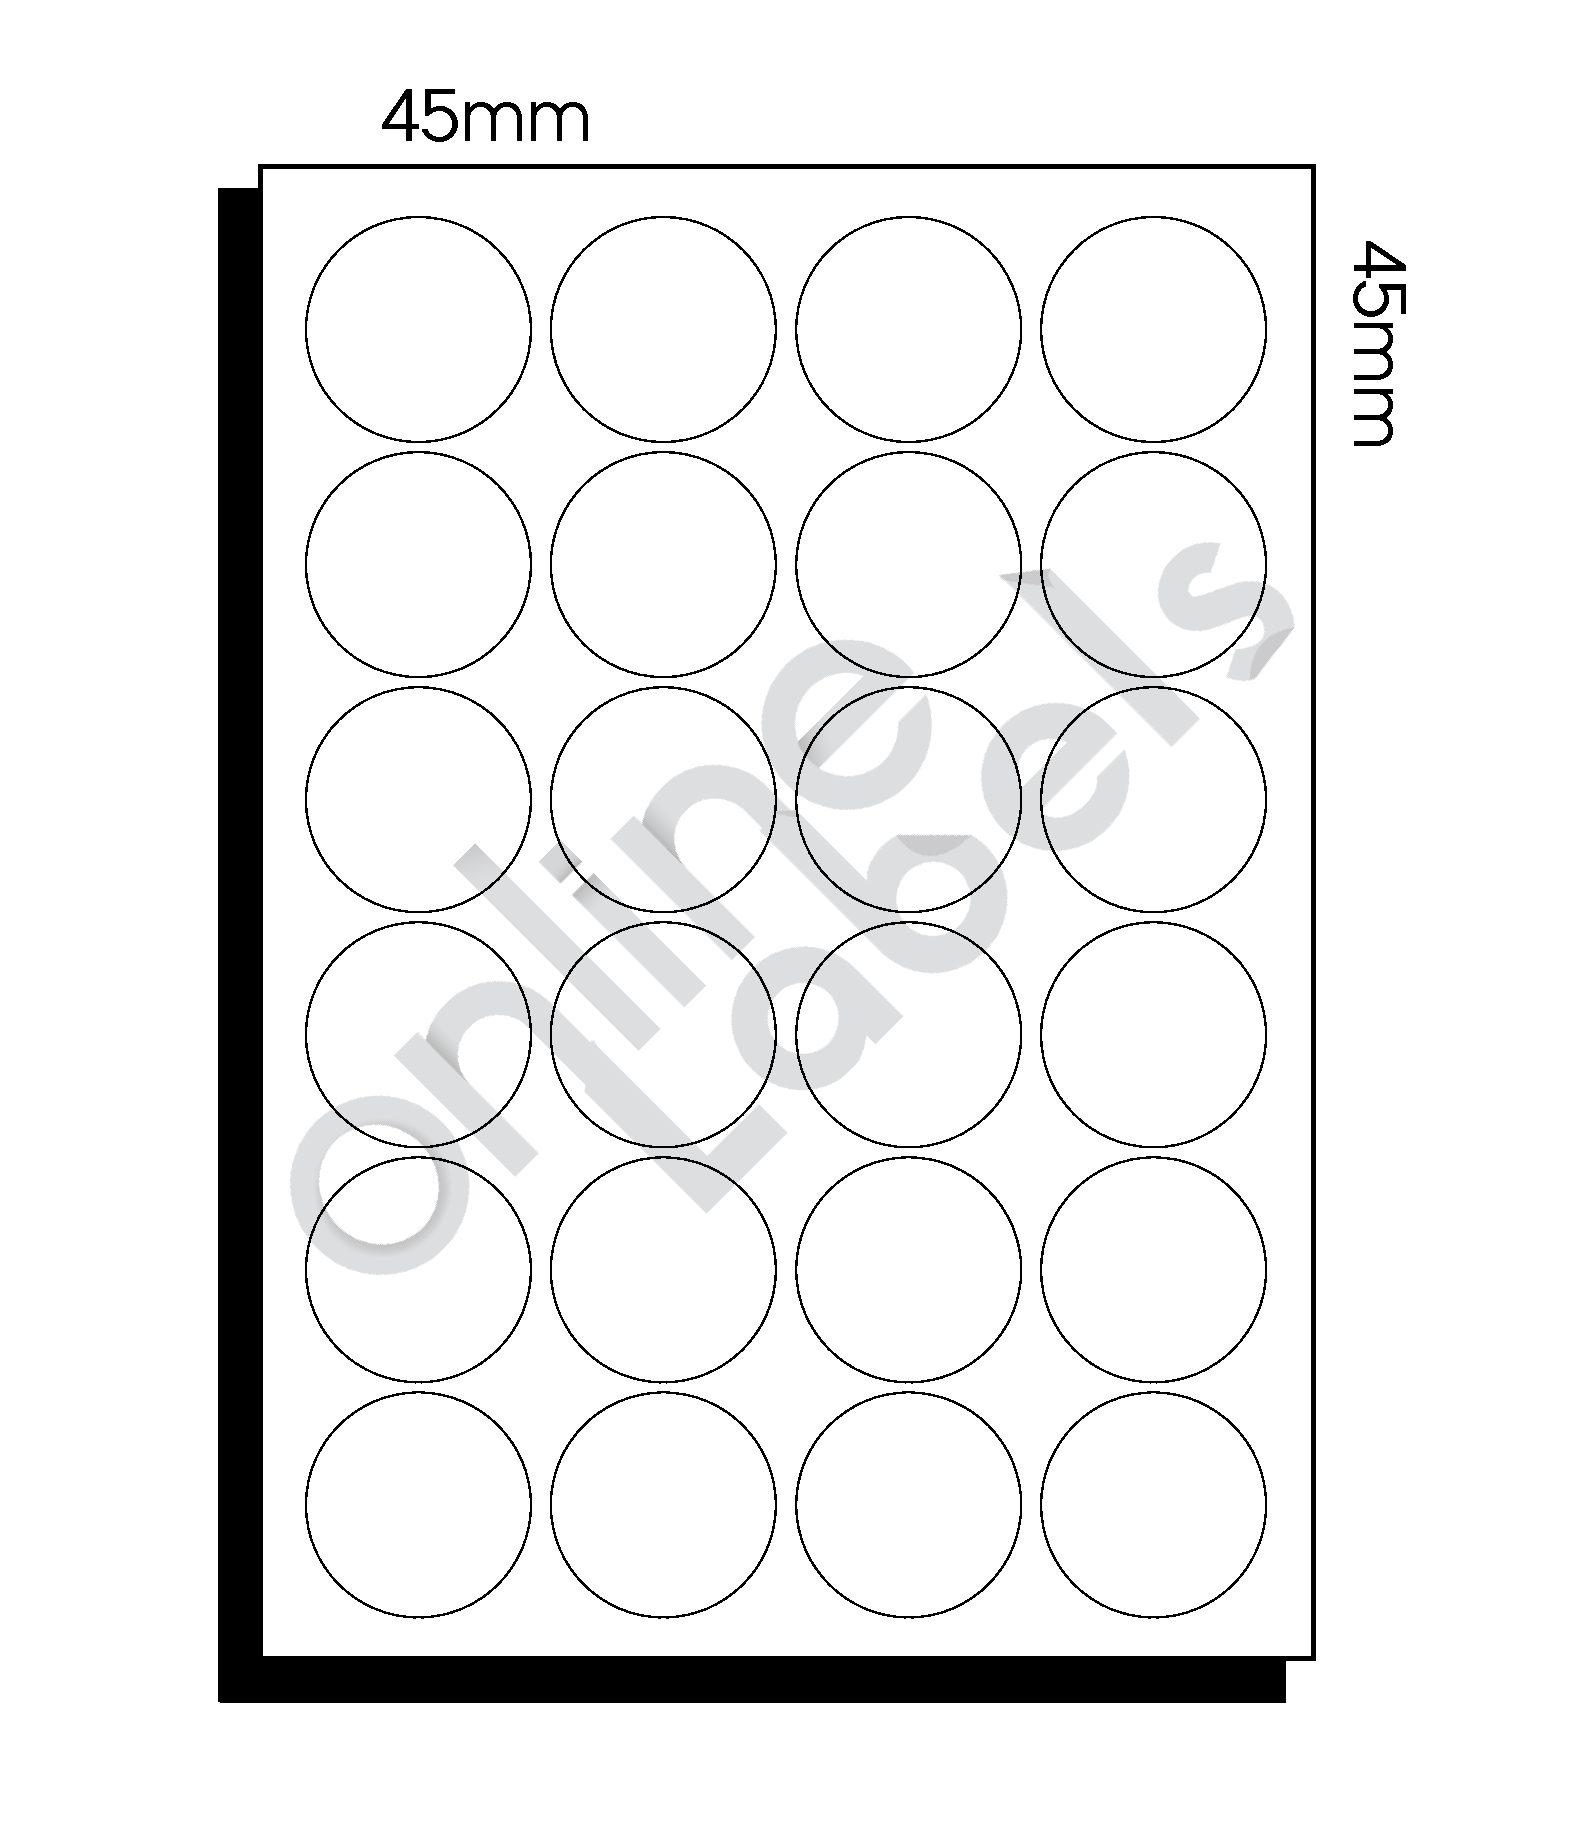 45mm dia (153) – 24 Labels per Sheet